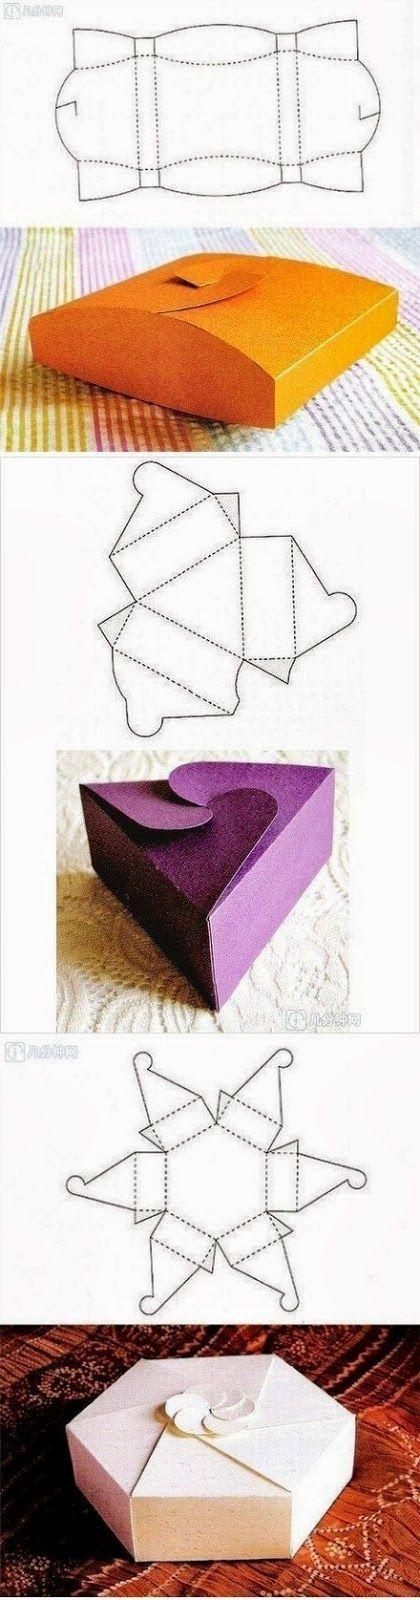 Plantillas para cajas originales / original boxes patterns by katie